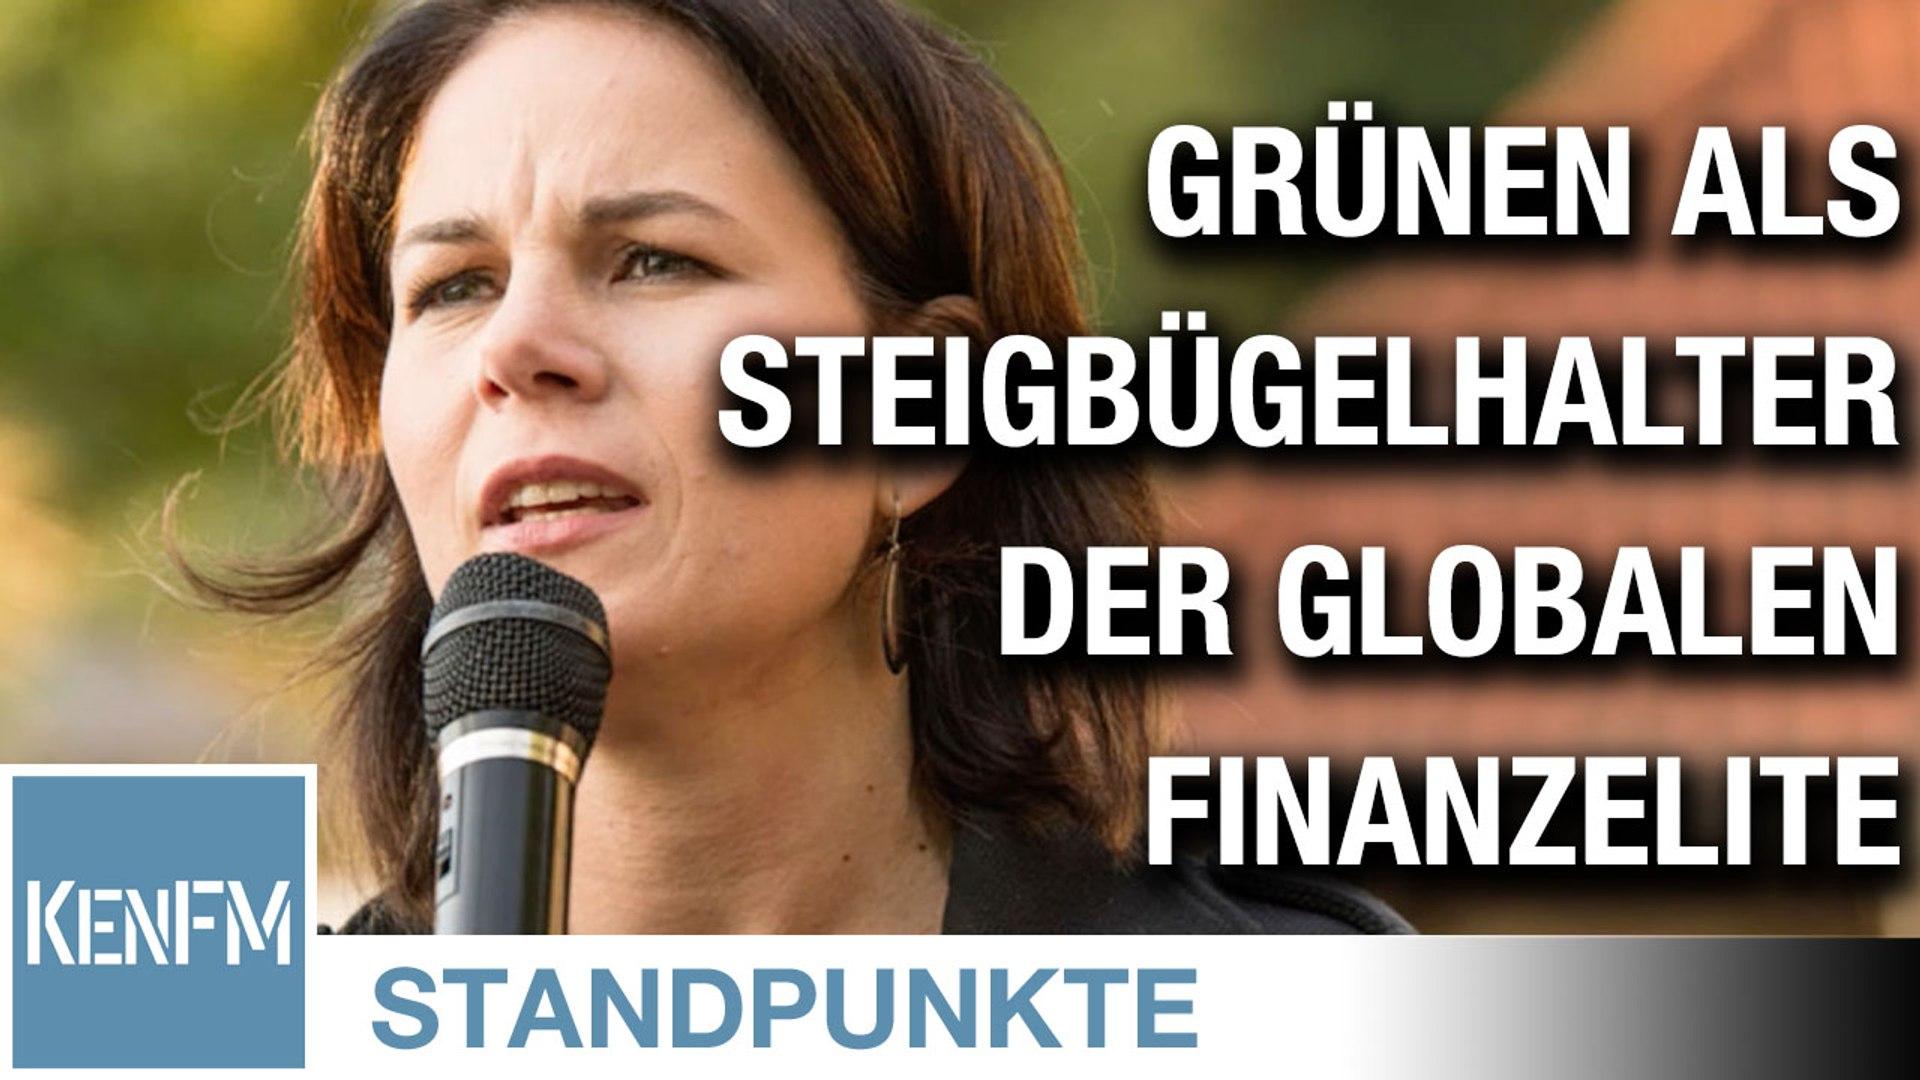 Die Grünen als Steigbügelhalter der globalen Finanzelite